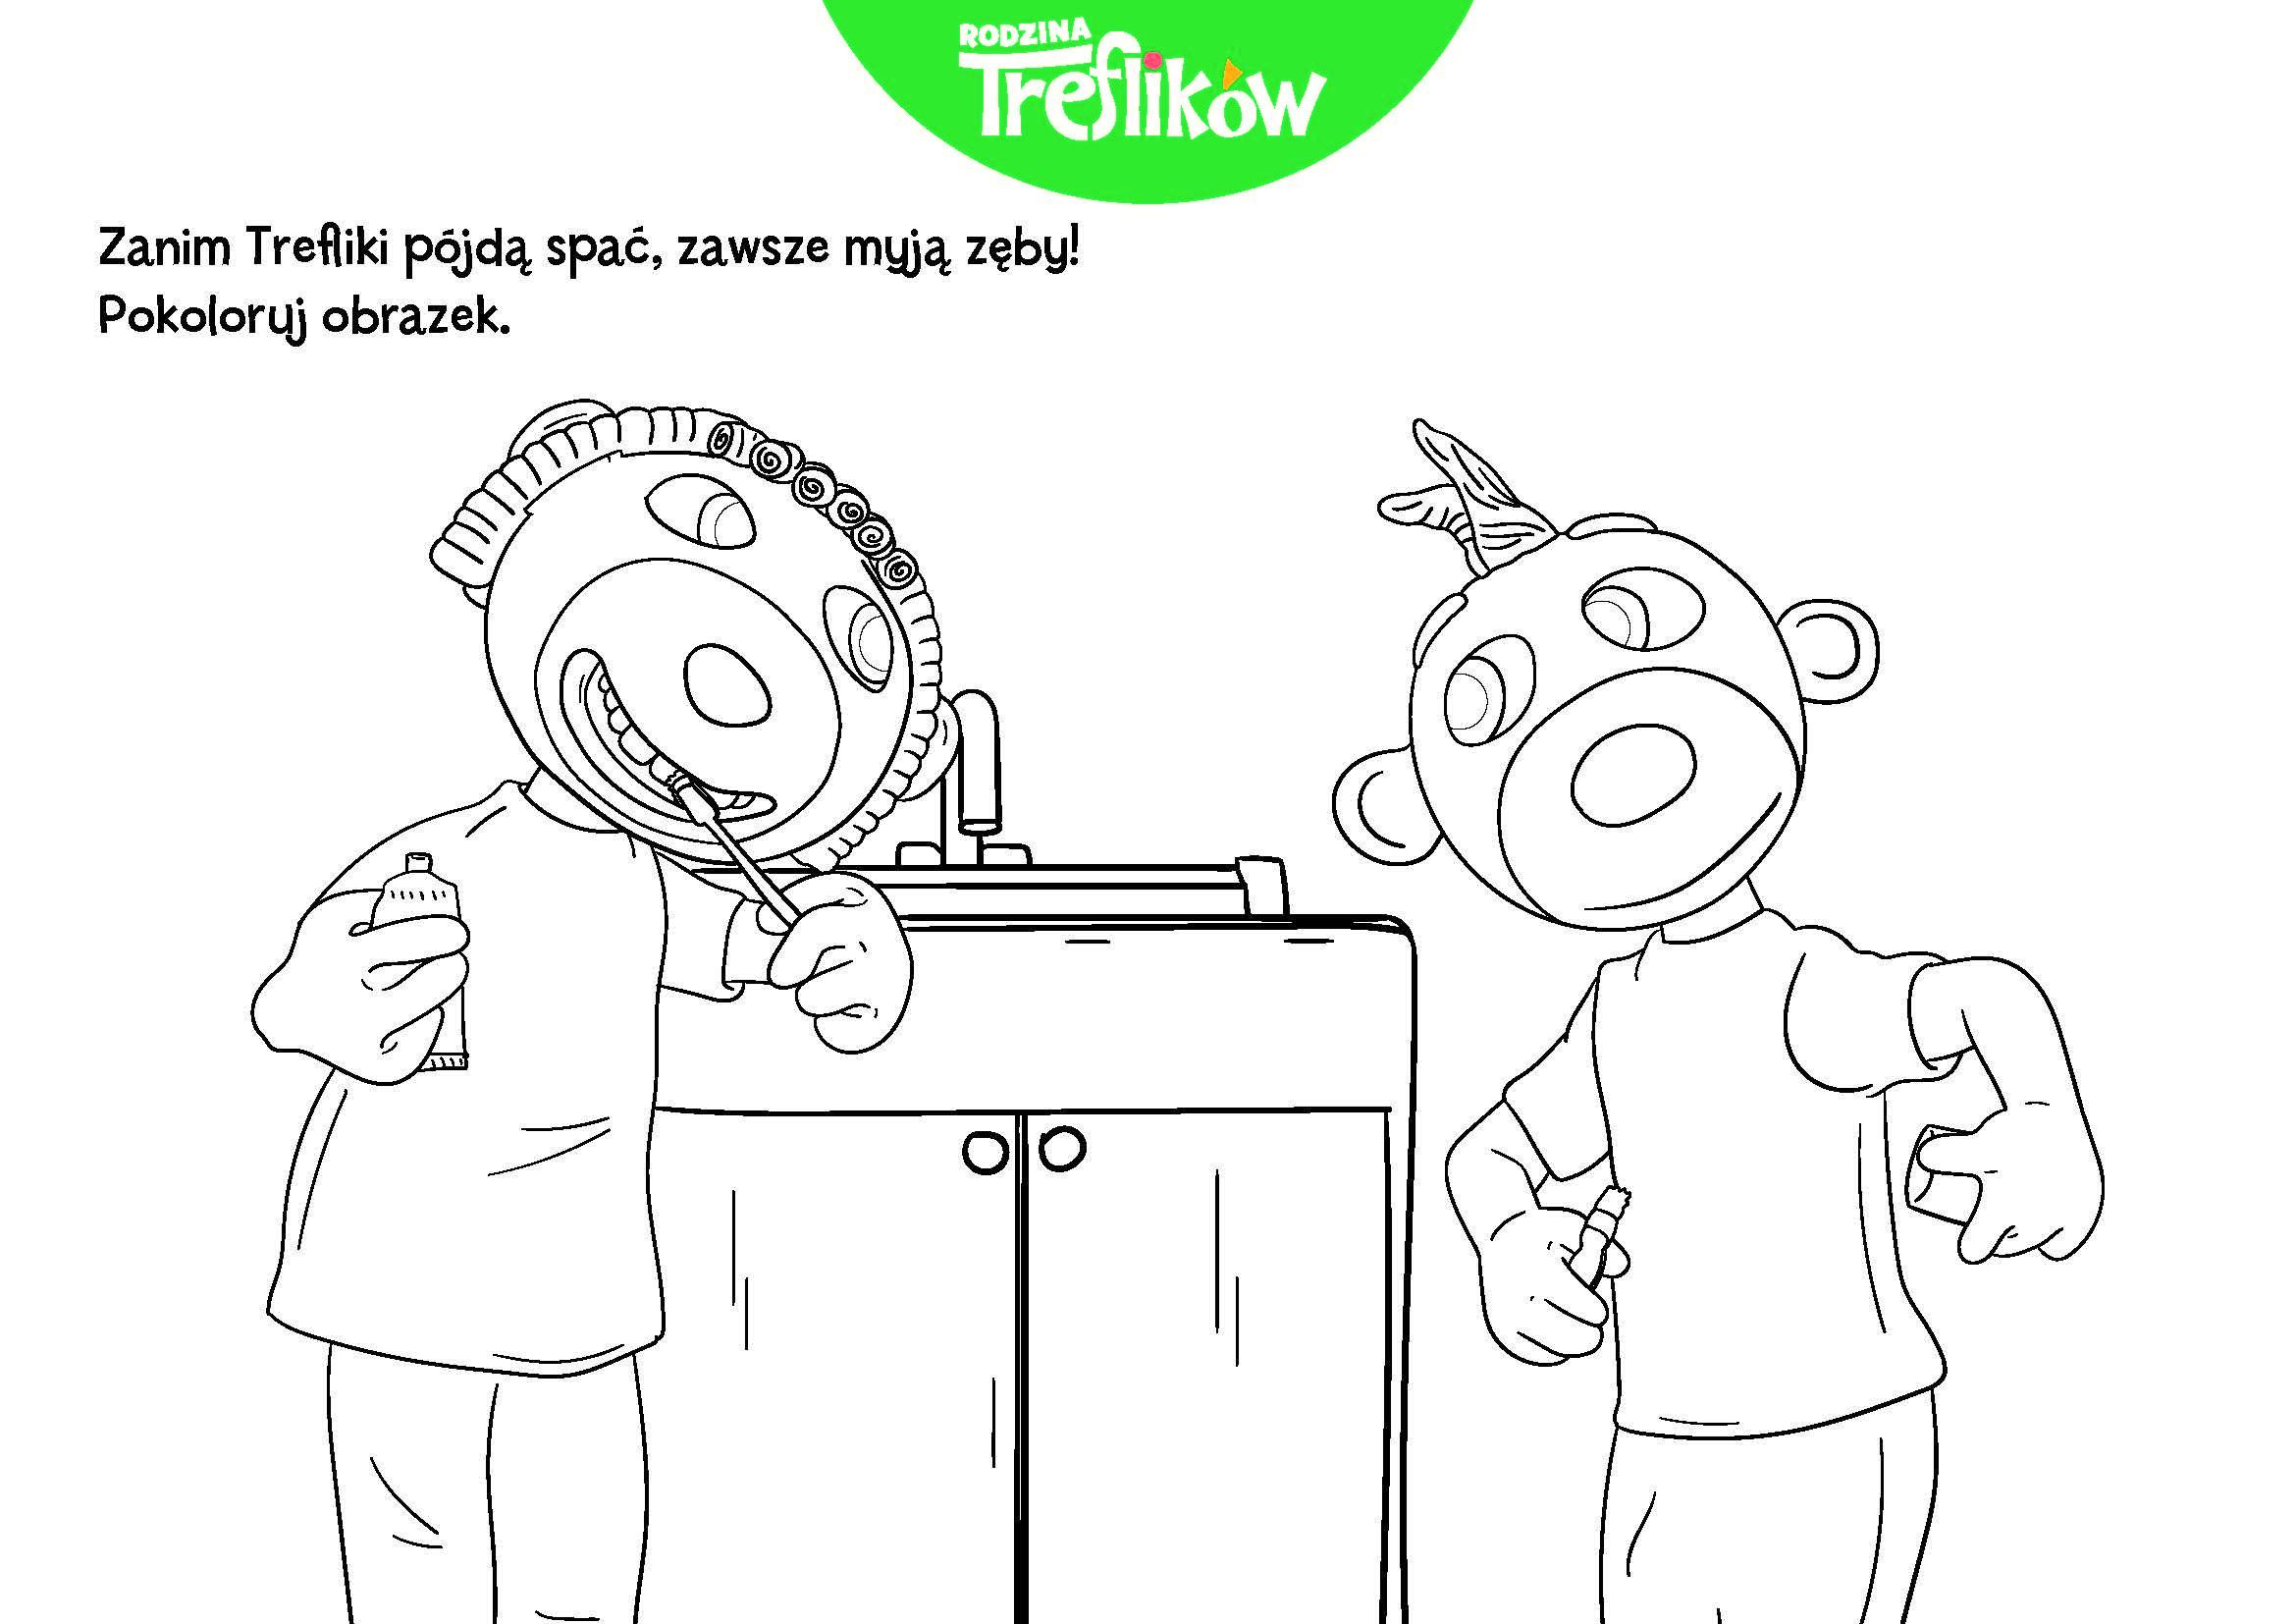 Kolorowanka Rodzina Treflikow In 2020 Coloring Books Comics Toys